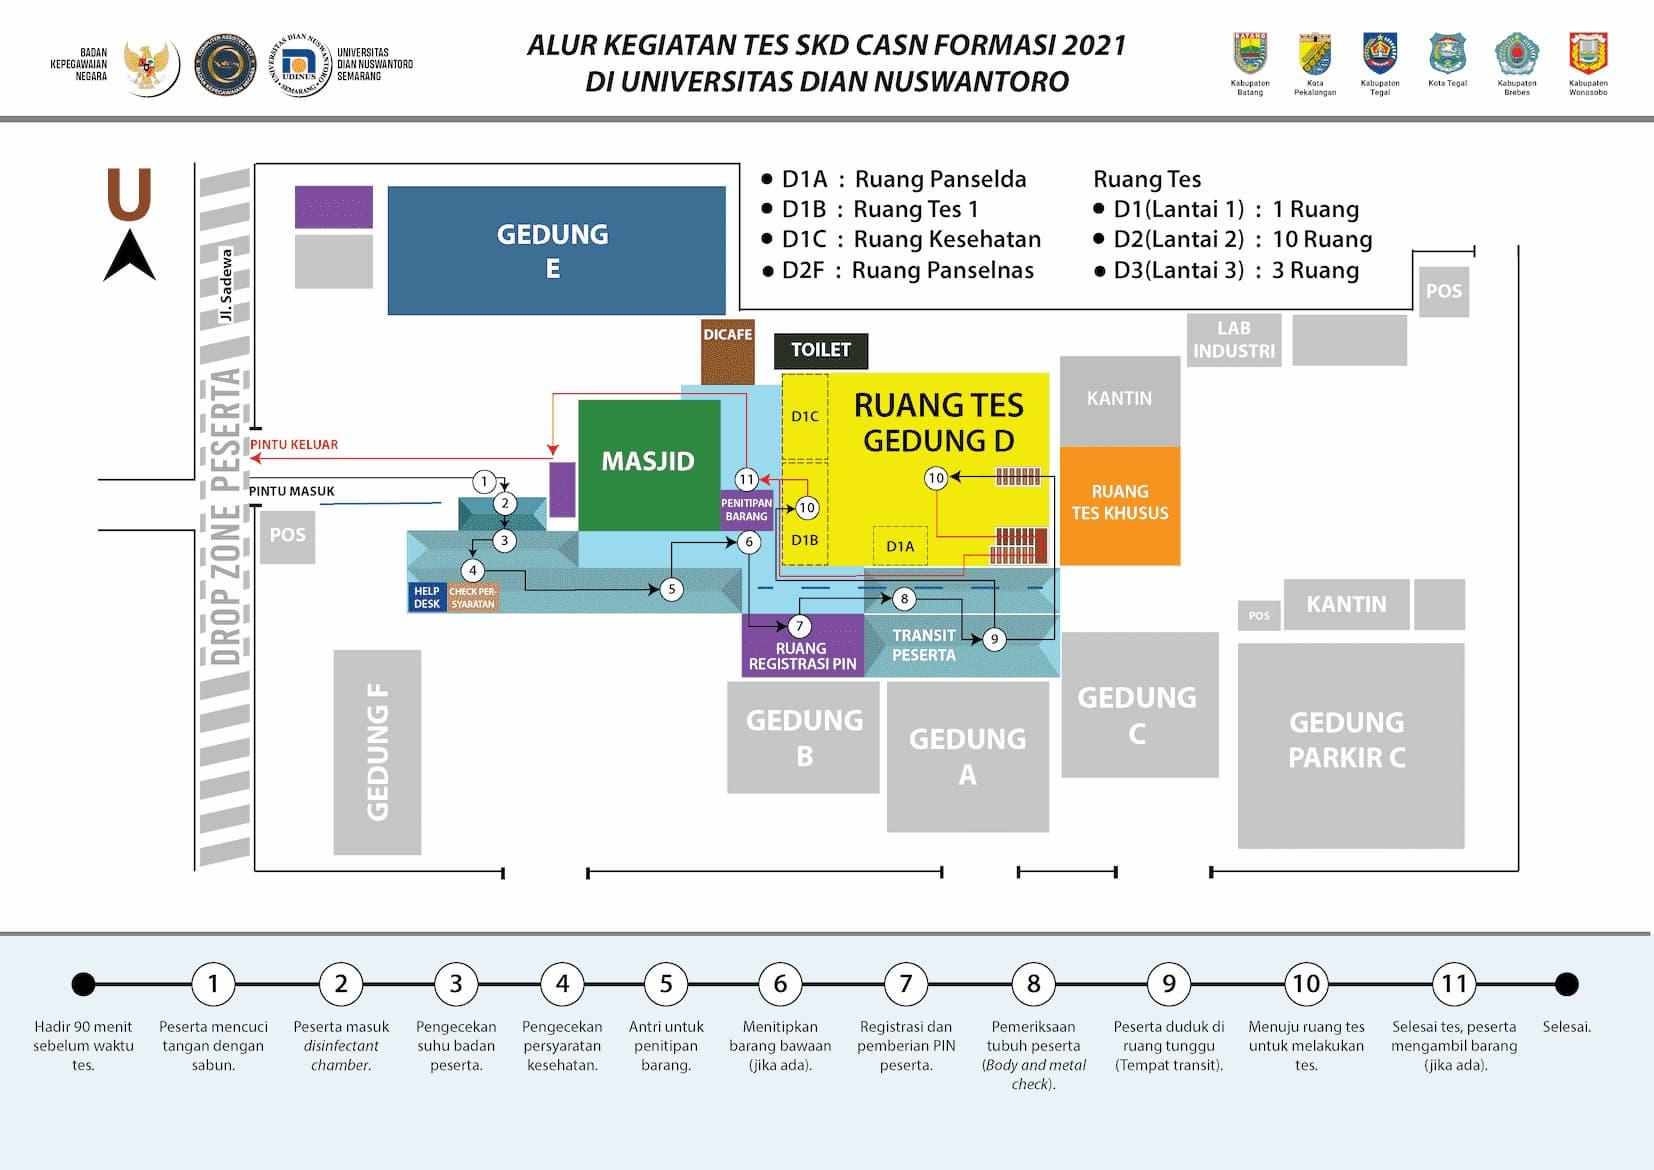 Alur Kegiatan tes CPNS formasi 2021 di Universitas Dian Nuswantoro (UDINUS) Semarang